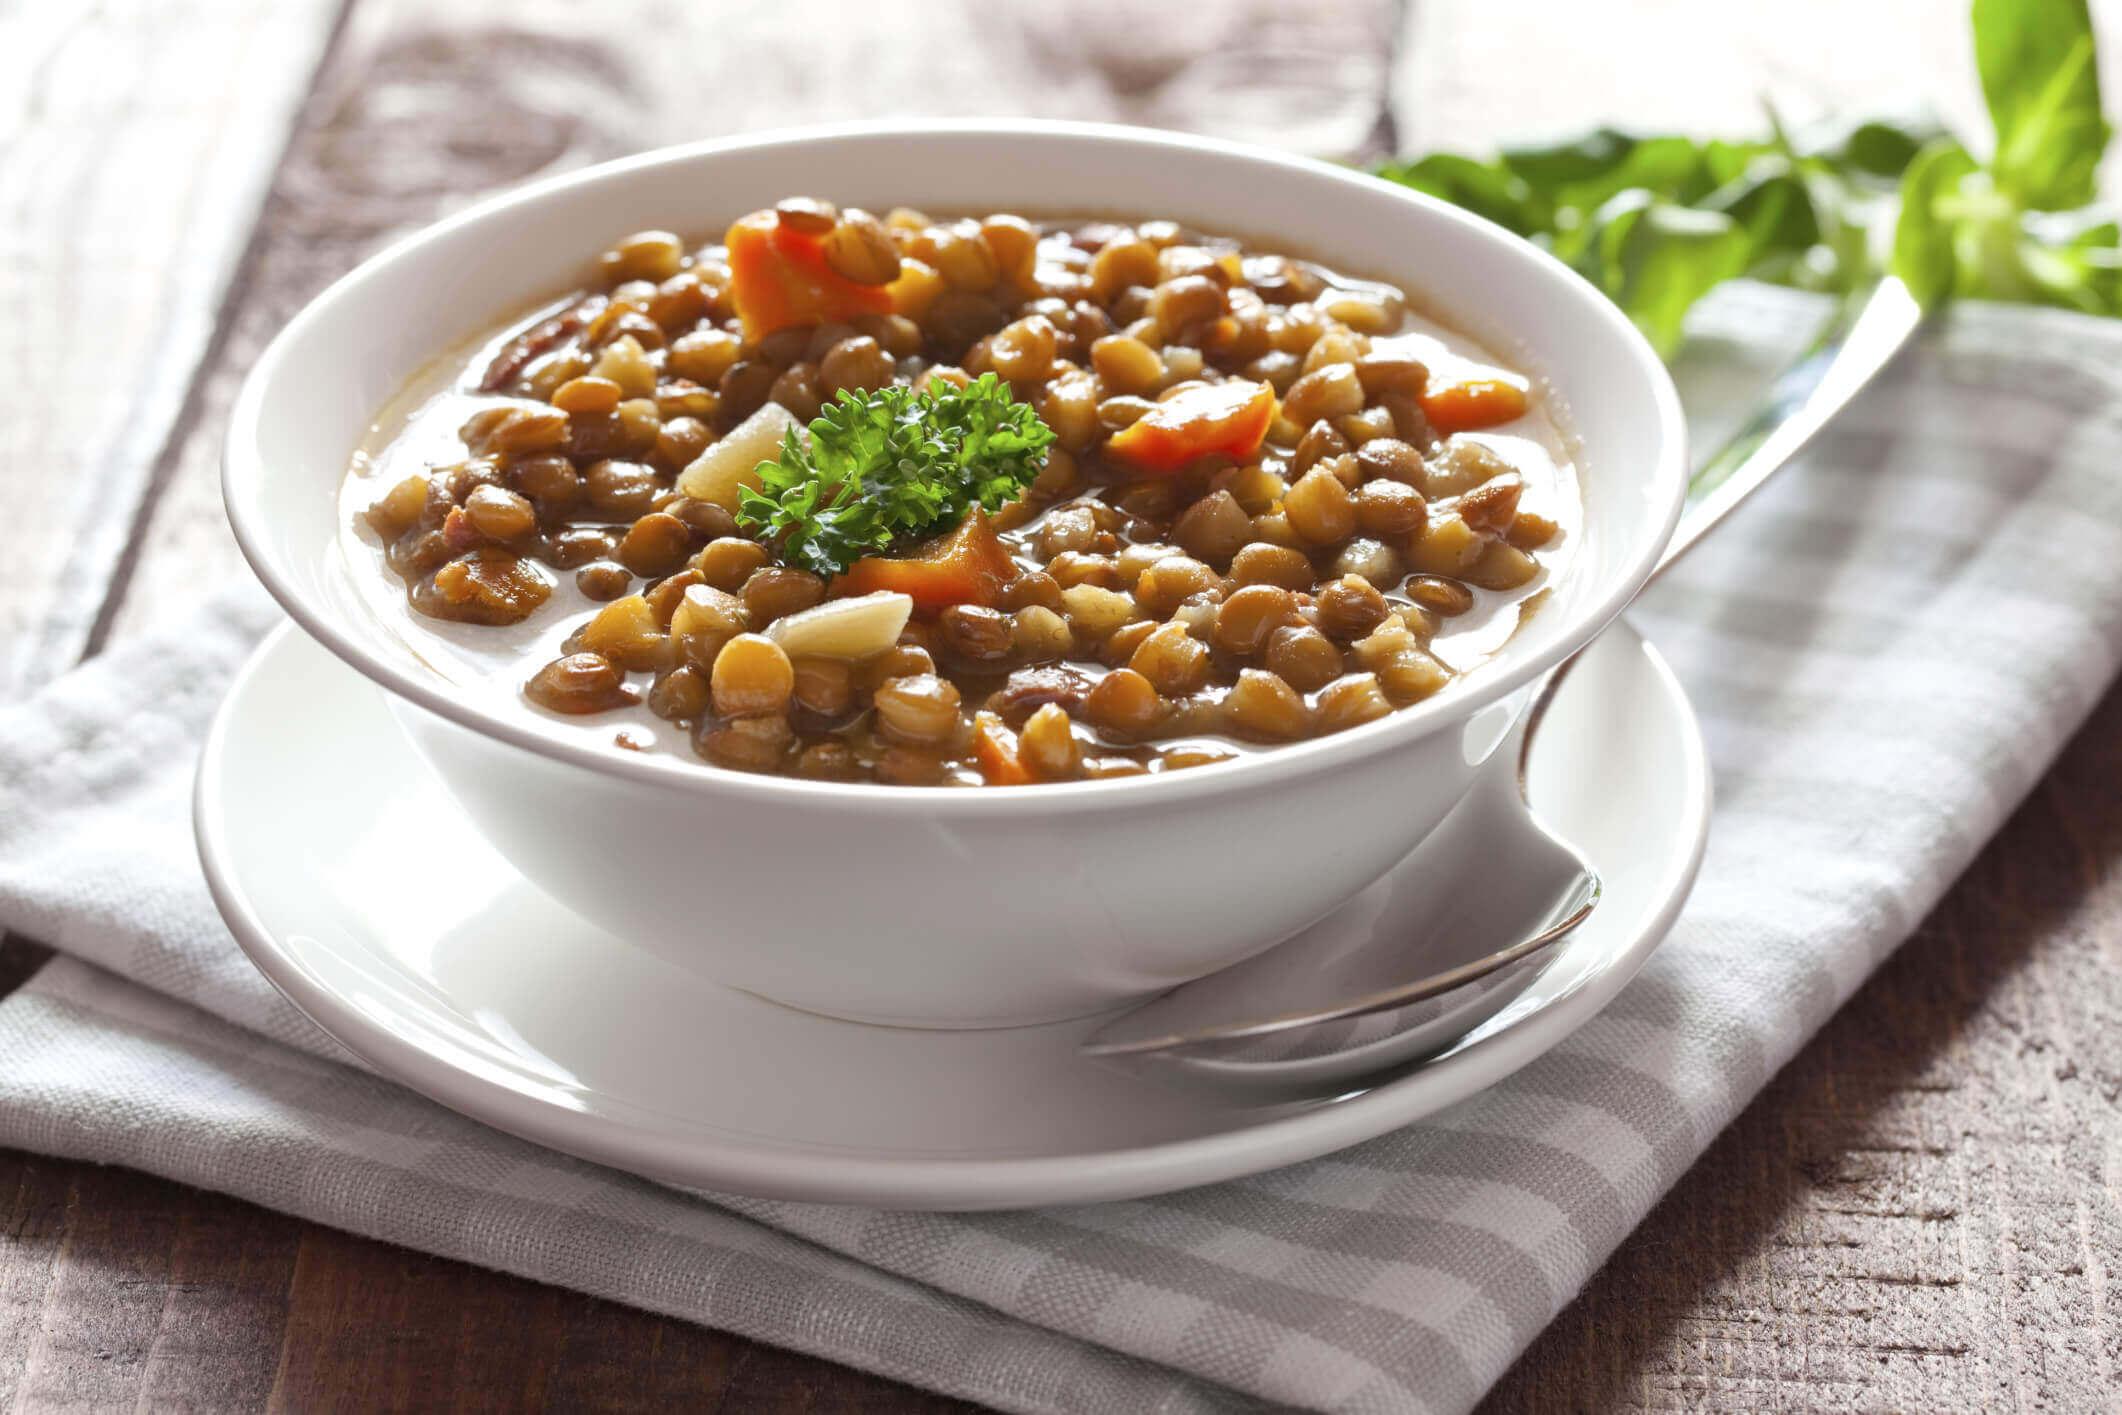 Les lentilles et les haricots font partie des aliments qui contiennent de l'acide folique.